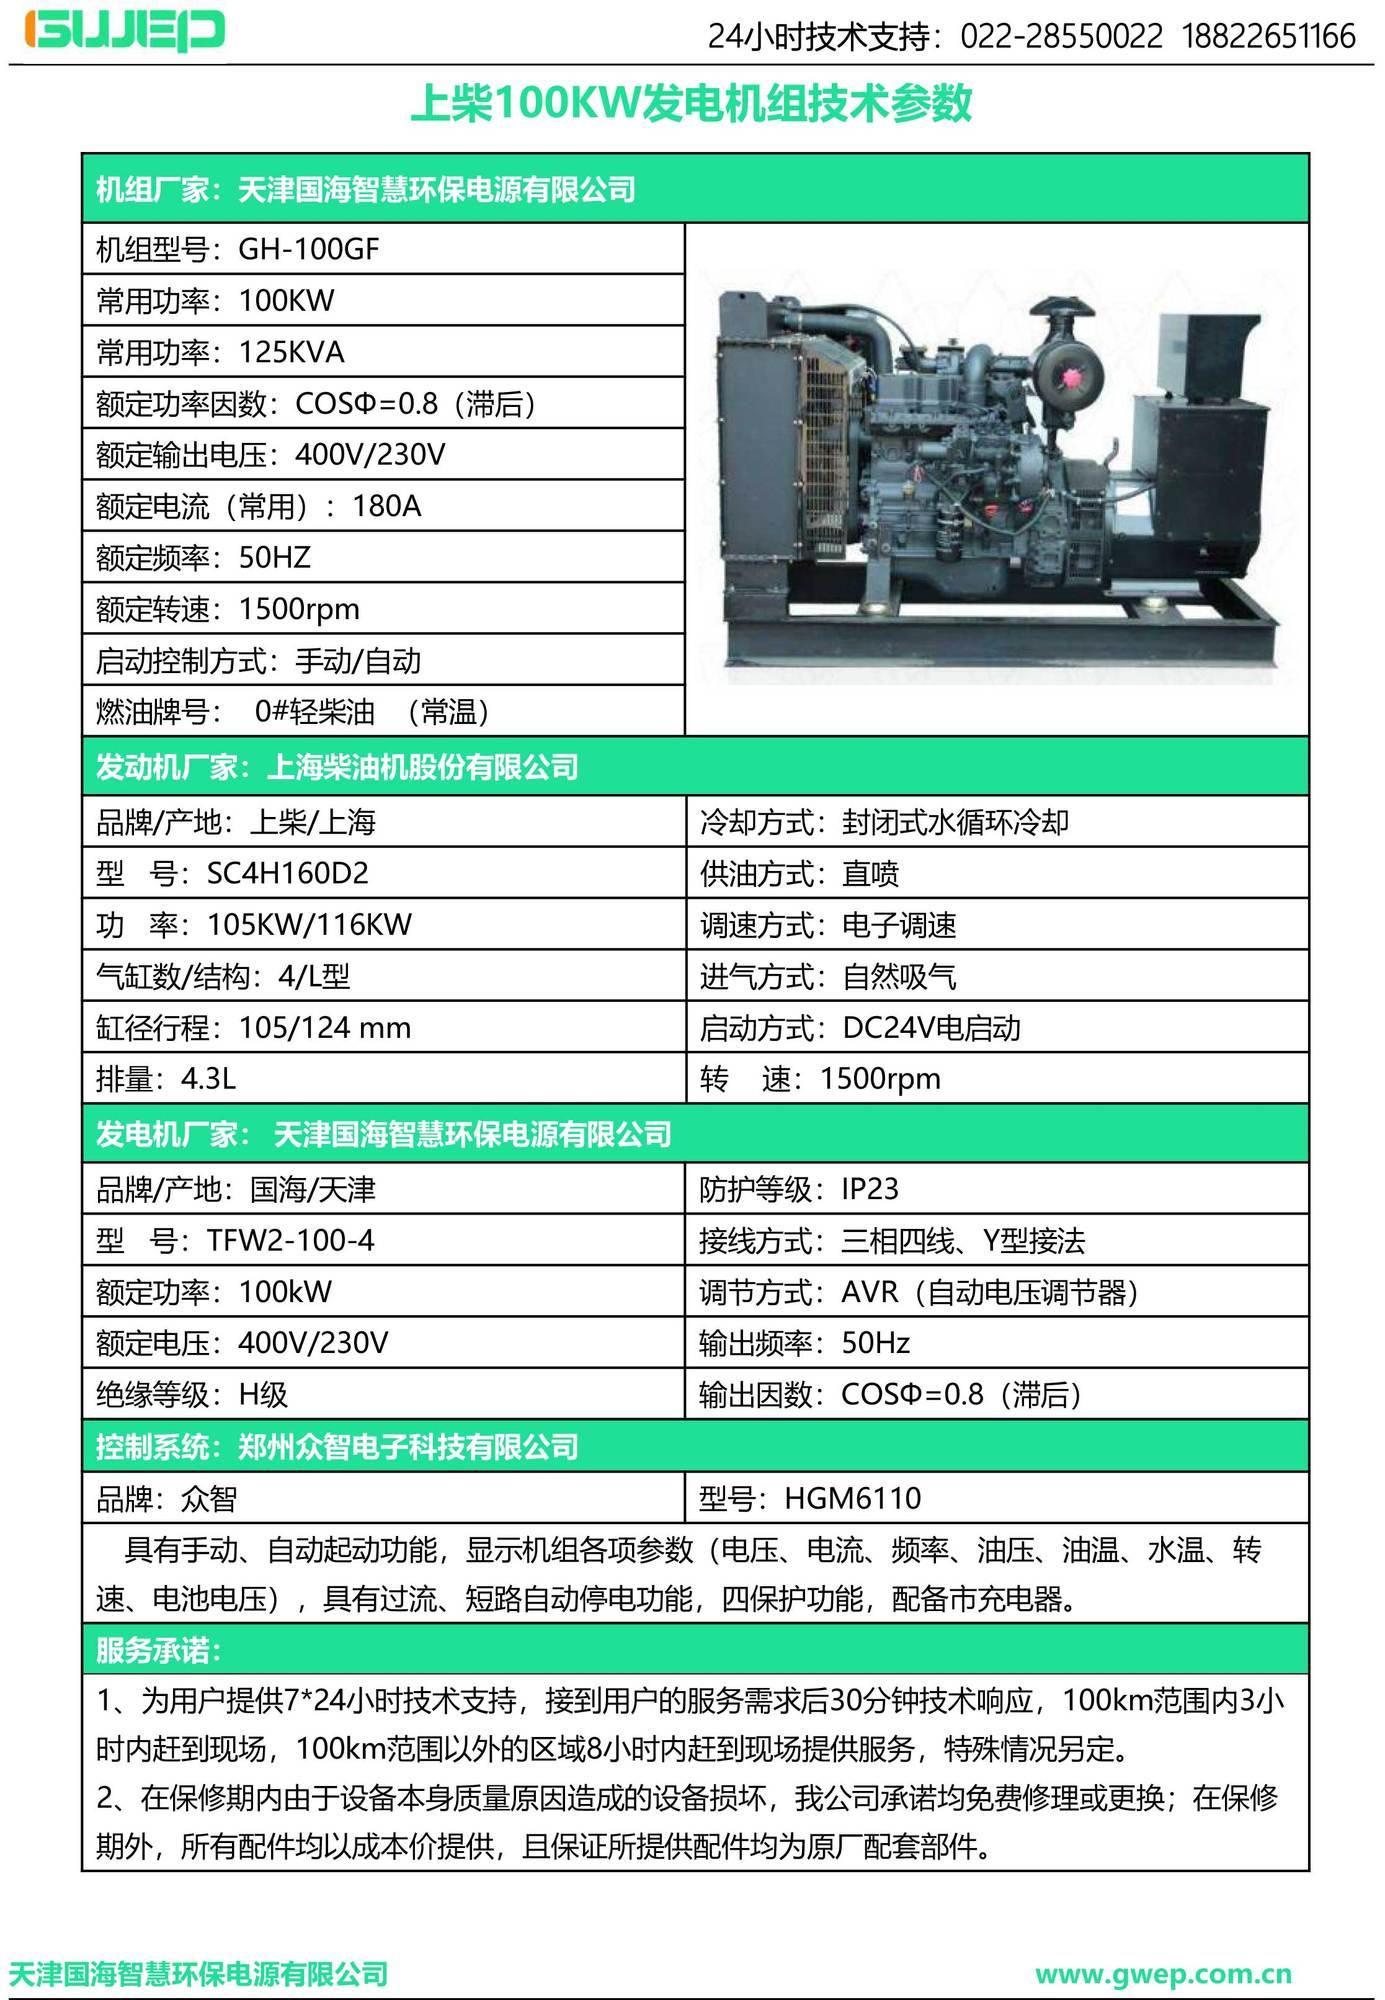 上柴100KW发电机组技术资料-2.jpg